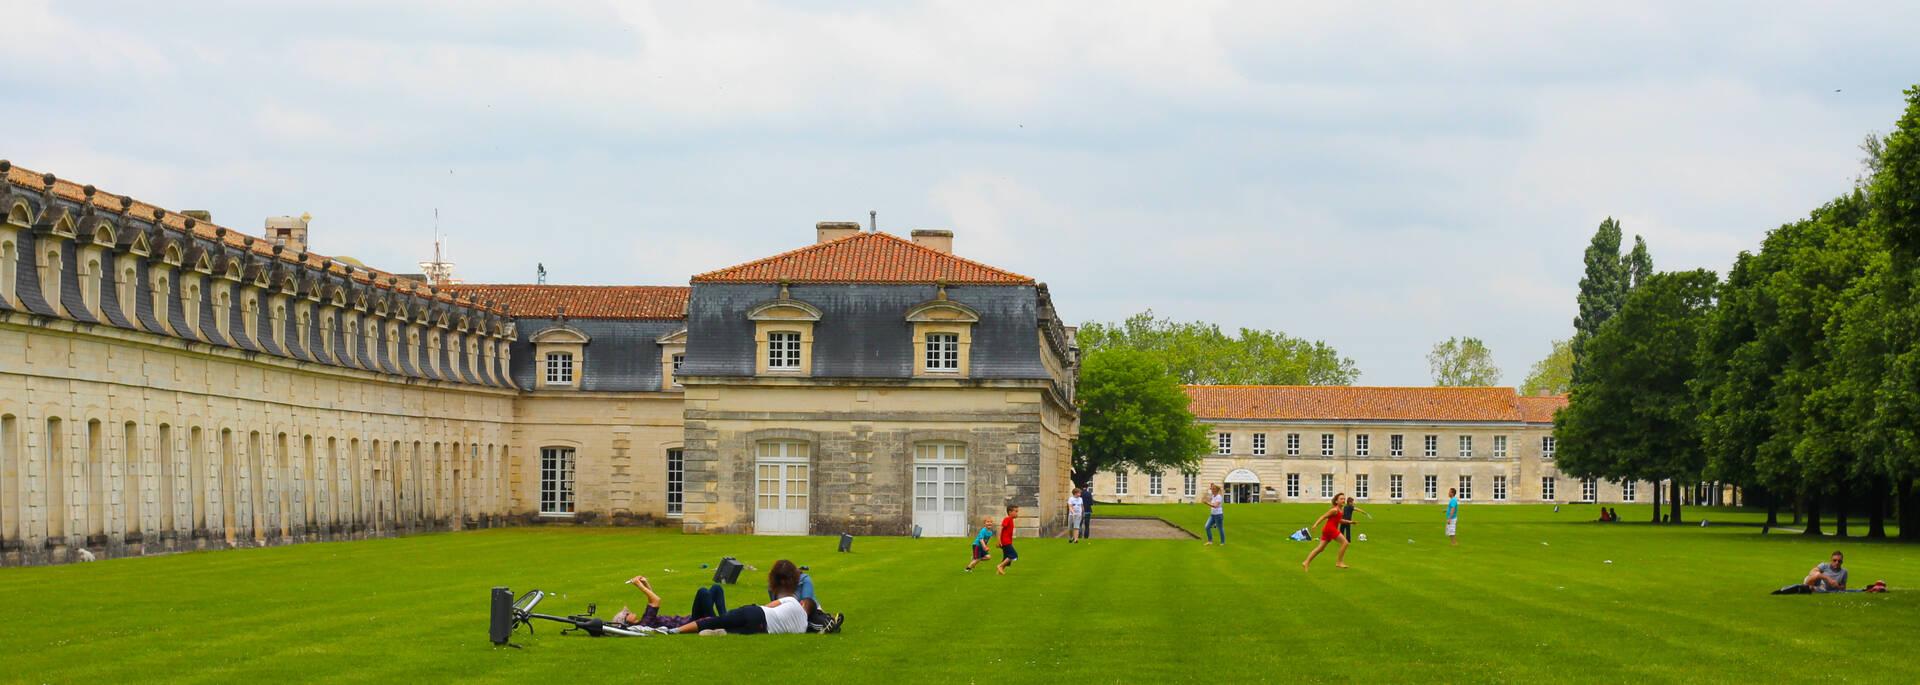 Espace de détente dans les jardins de la Corderie Royale à Rochefort - © Office de tourisme Rochefort Océan